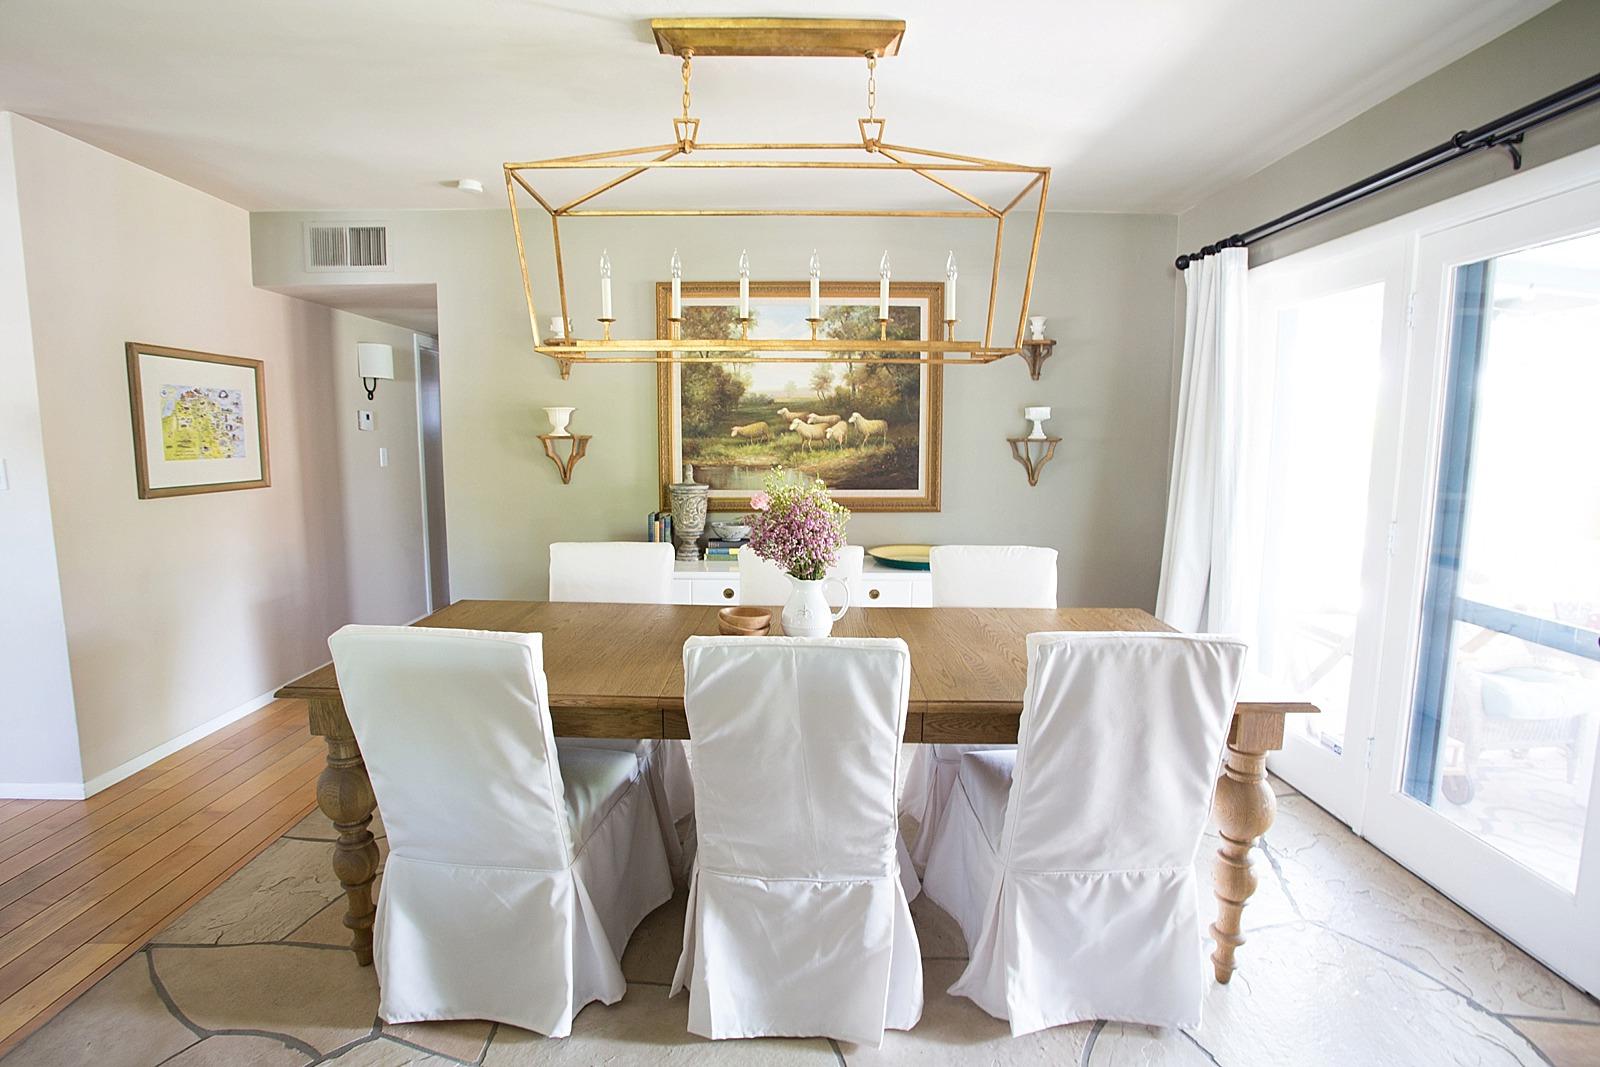 dining-room-5167